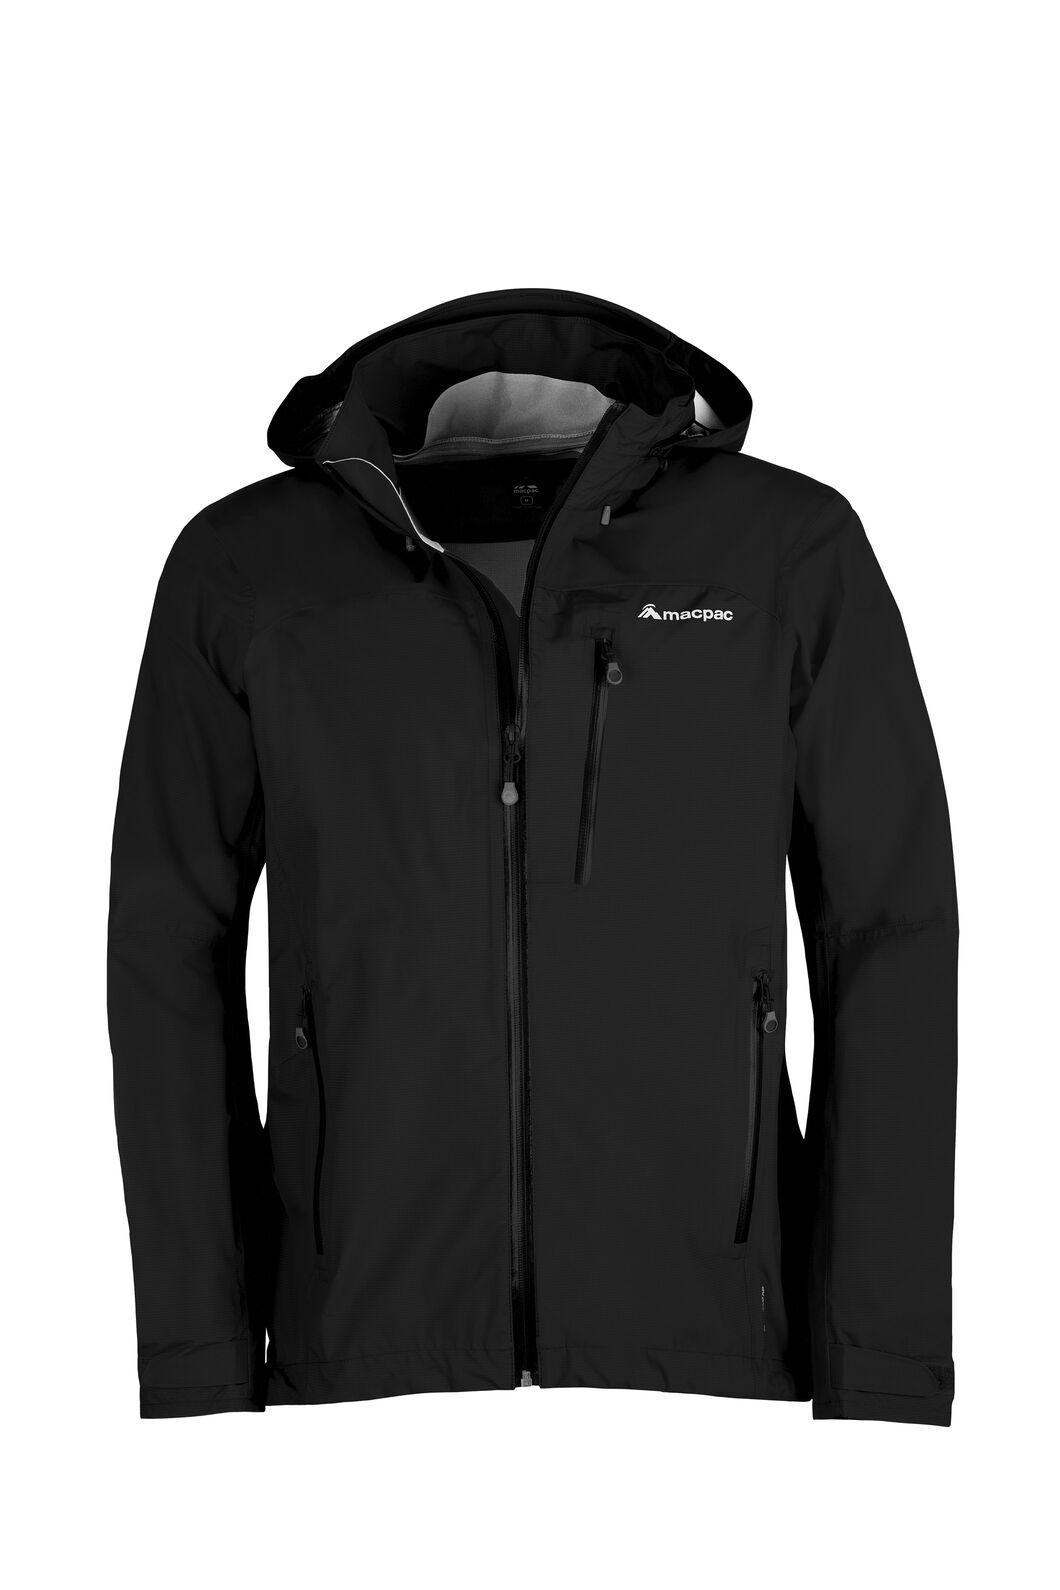 Macpac Traverse Pertex® Rain Jacket - Men's, Black, hi-res